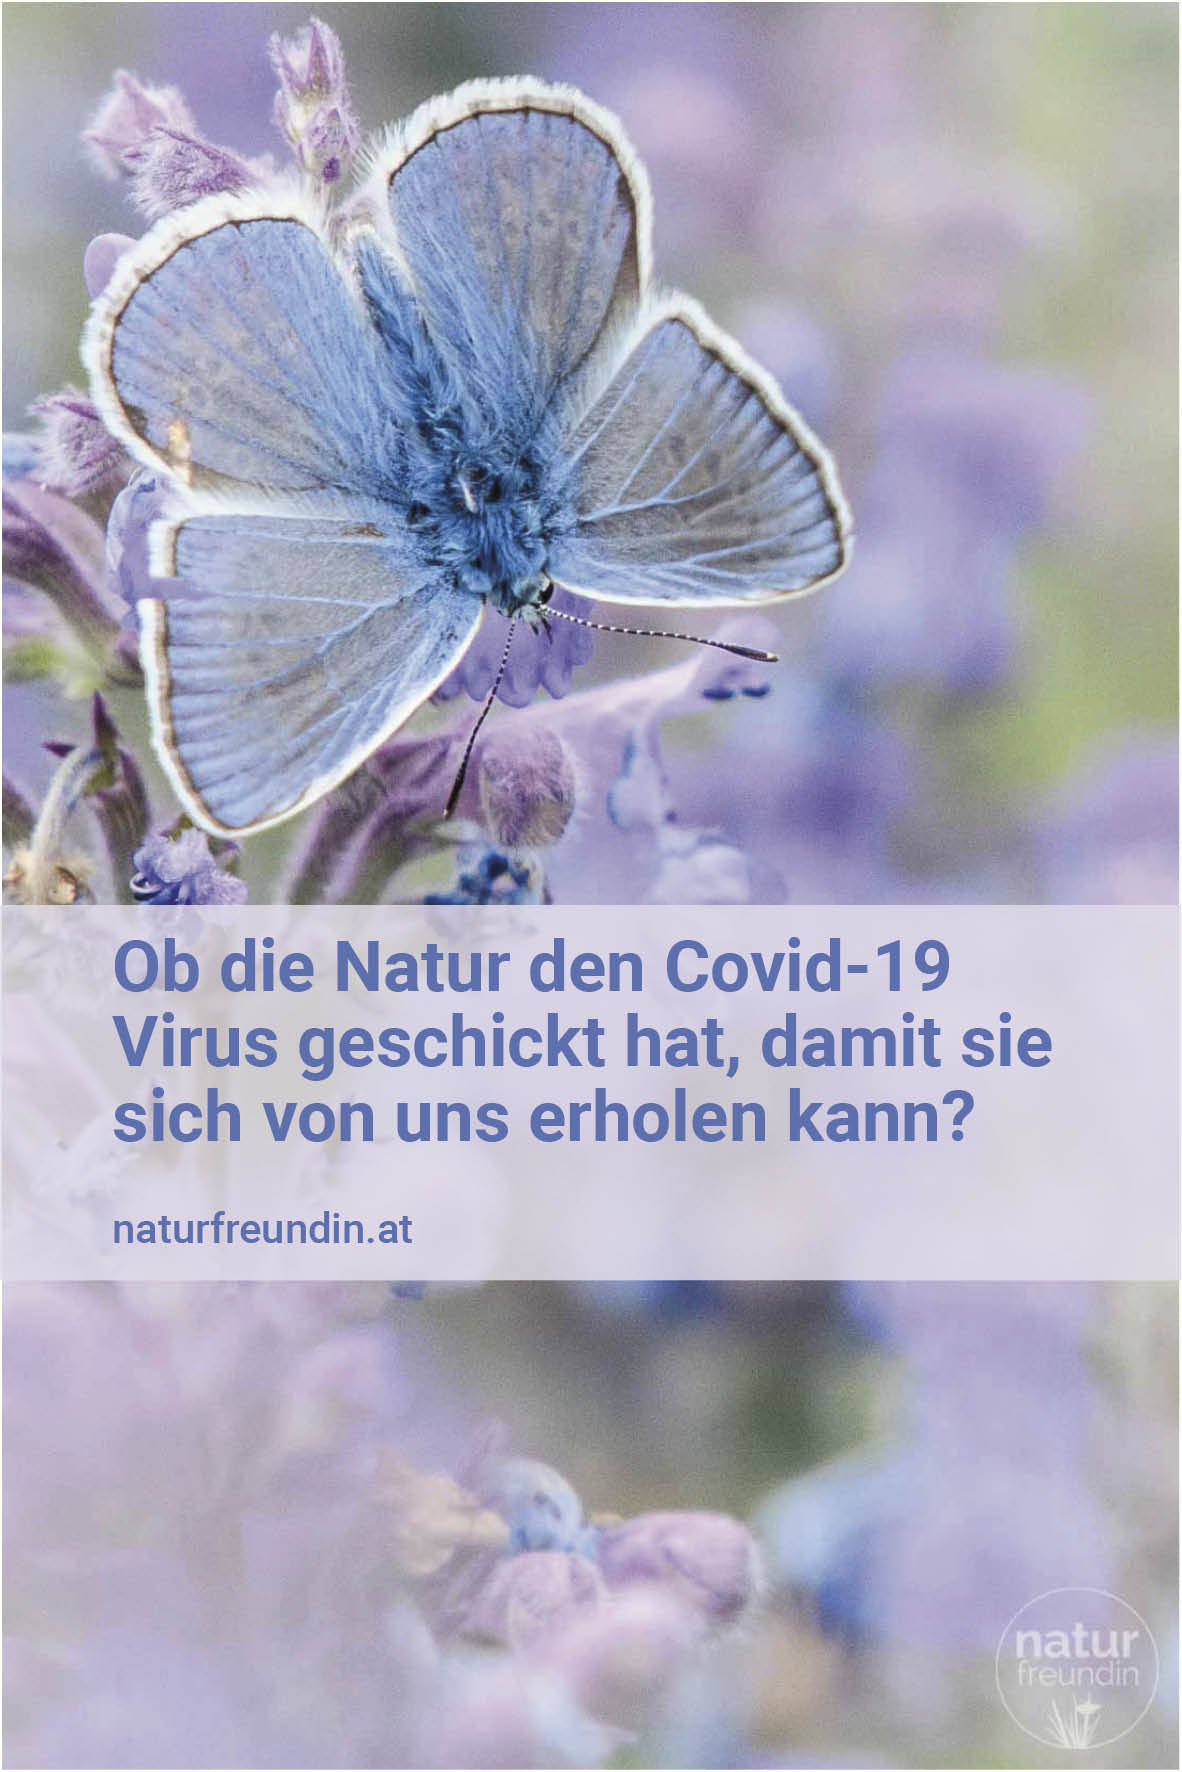 Naturschutz geht uns alle an